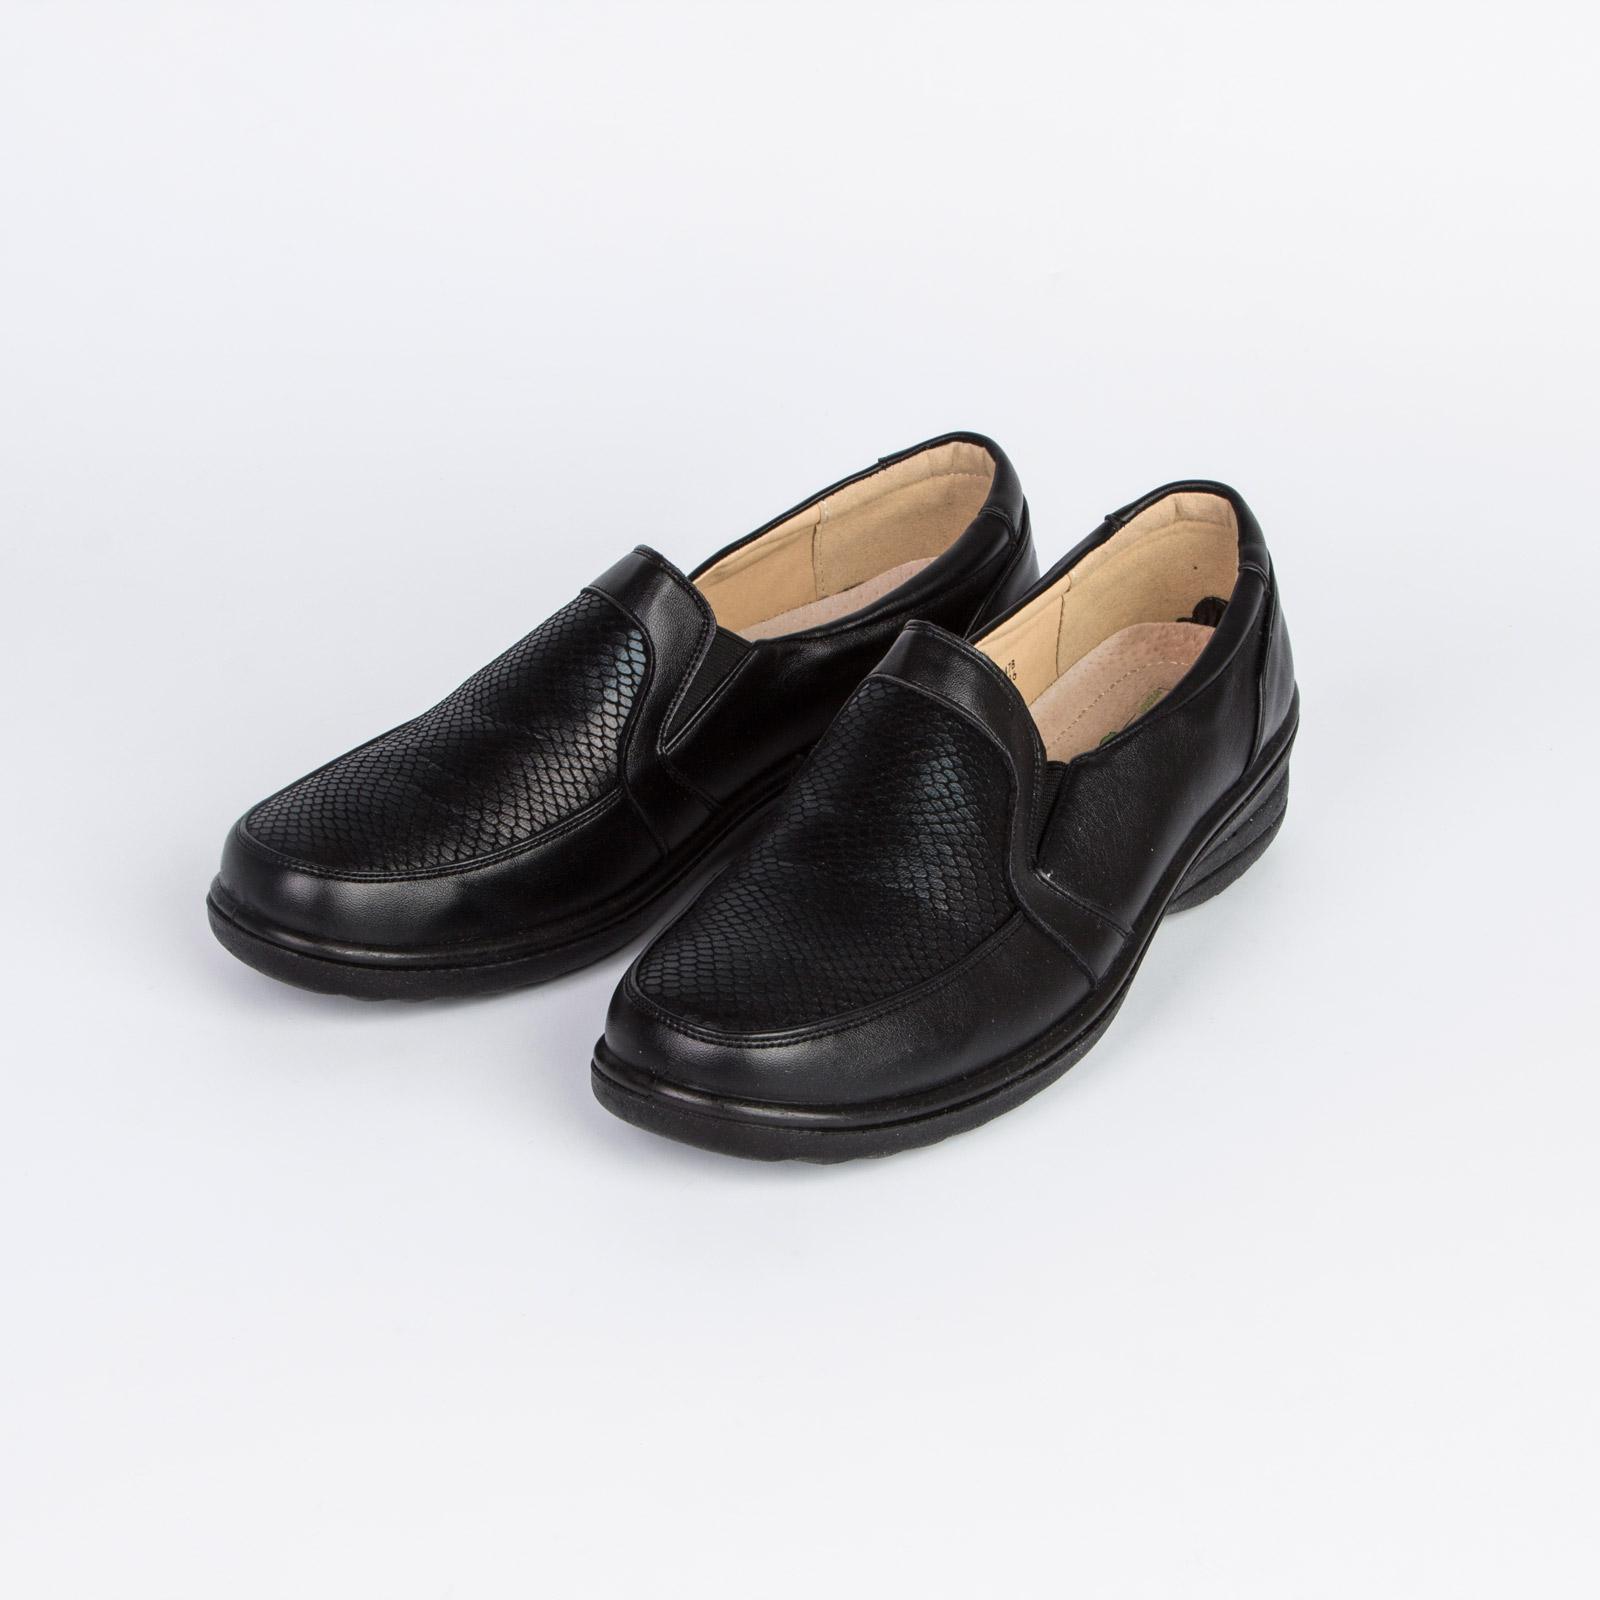 Туфли женские украшенные узорной перфорацией на платформе